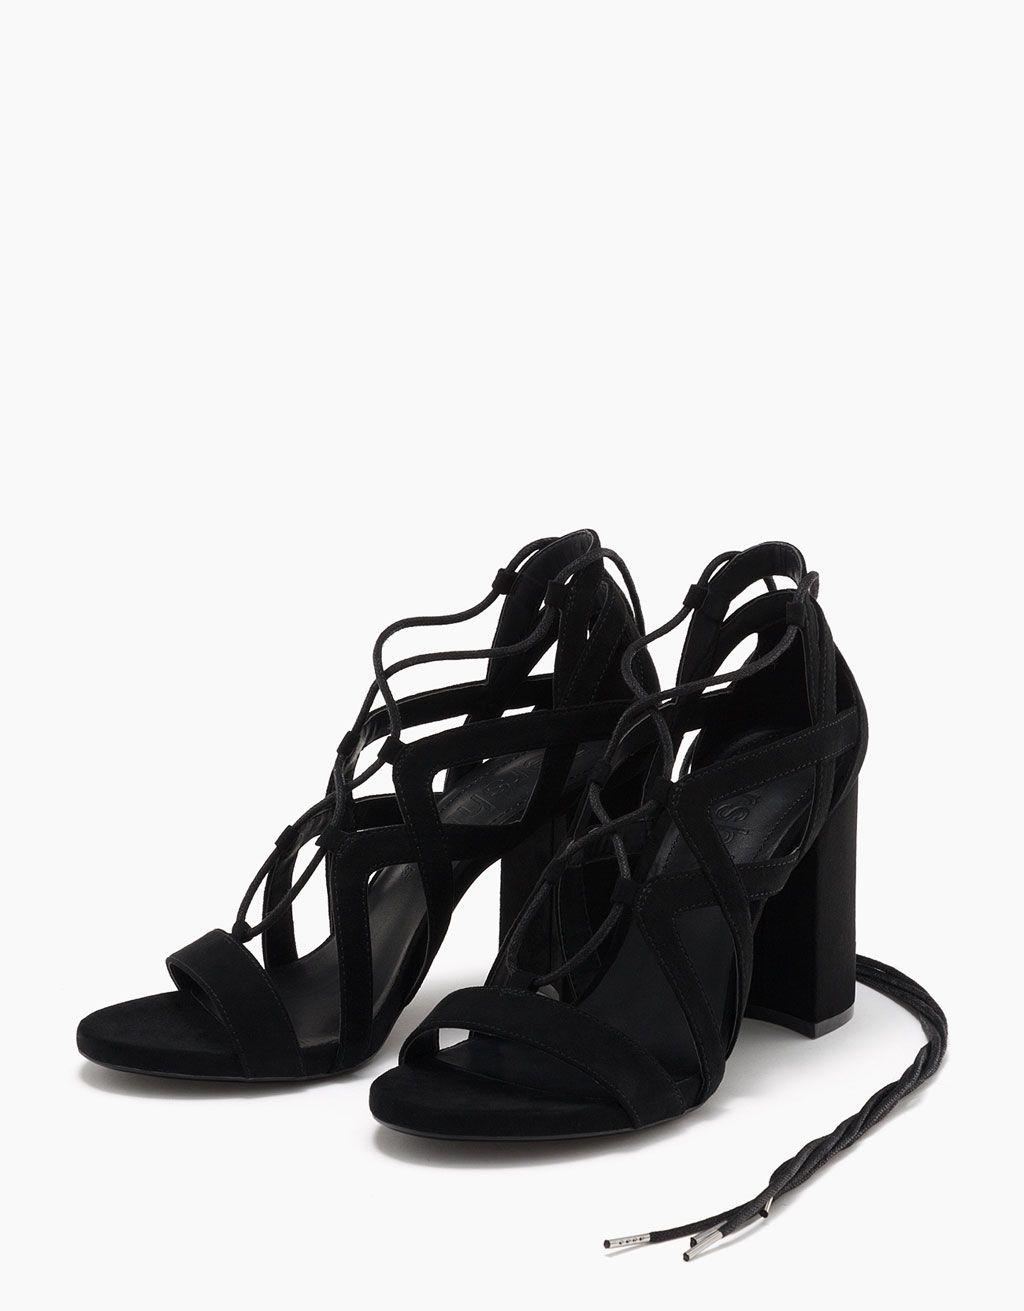 Sandalo tacco ampio con fascette e laccio - Novità - Bershka Italy